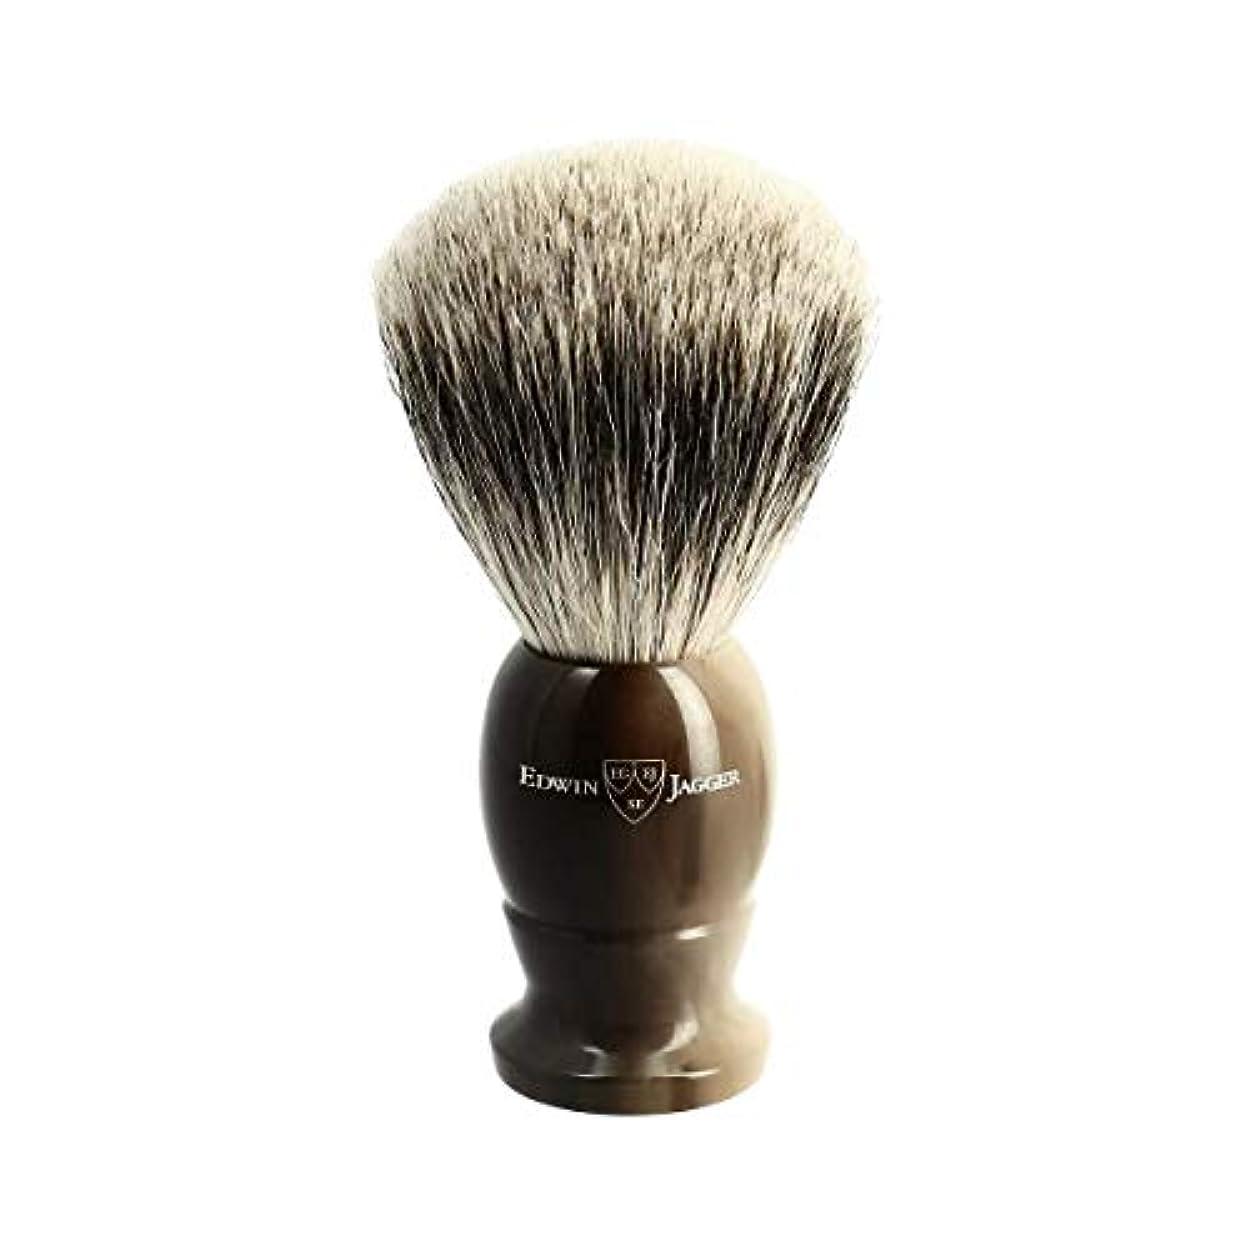 手入れまぶしさ銅エドウィンジャガー ベストバッジャーアナグマ毛 ライトホーン シェービングブラシラージ3EJ872[海外直送品]Edwin Jagger Best Badger Light Horn Shaving Brush Large...